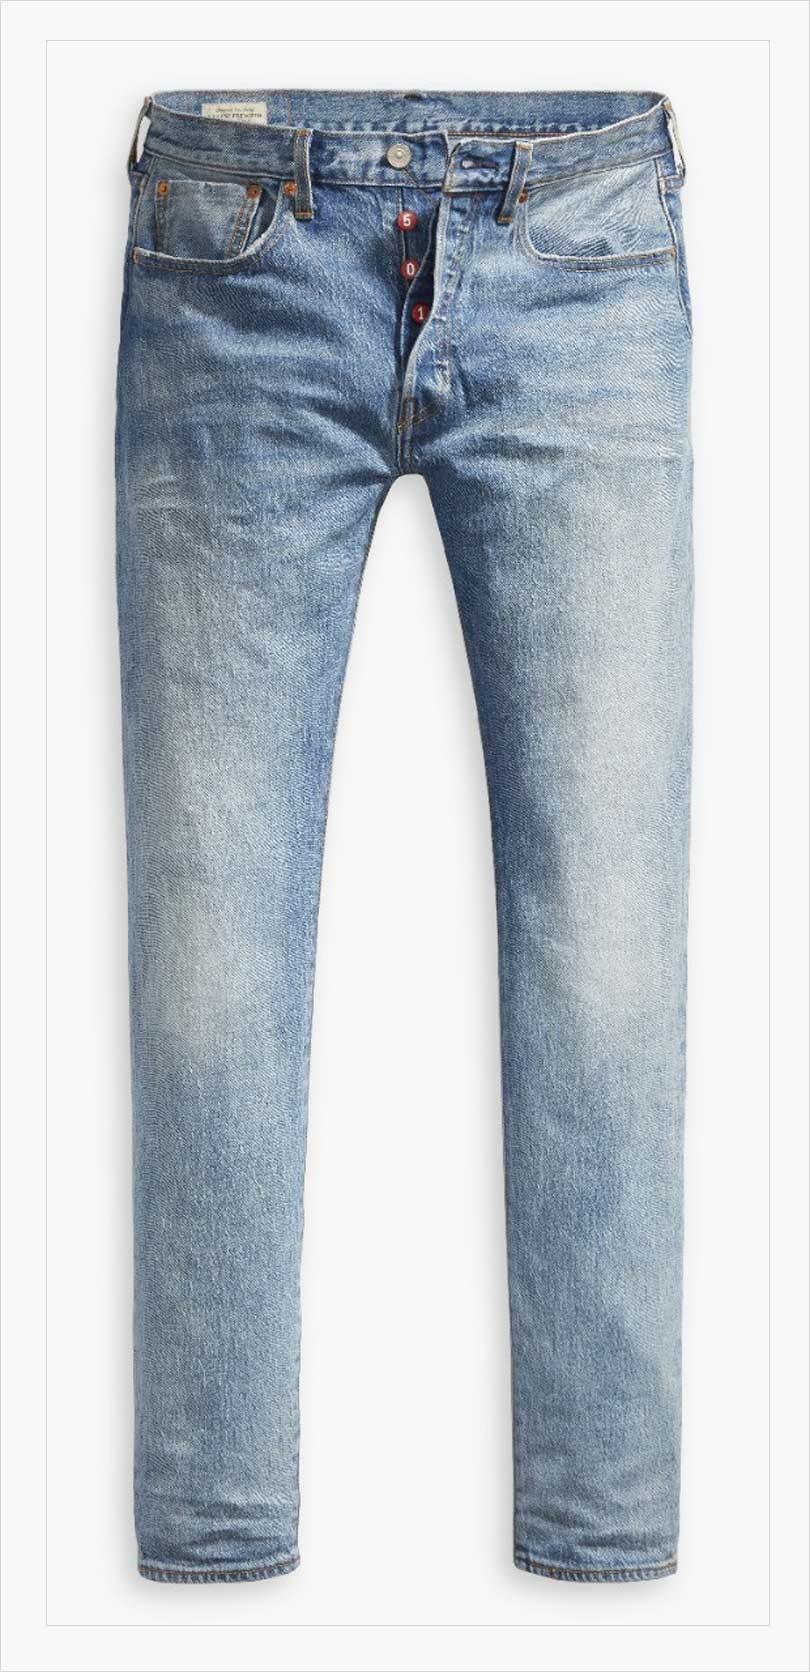 Die Jeans Bestseller der 9 Top Denim Brands